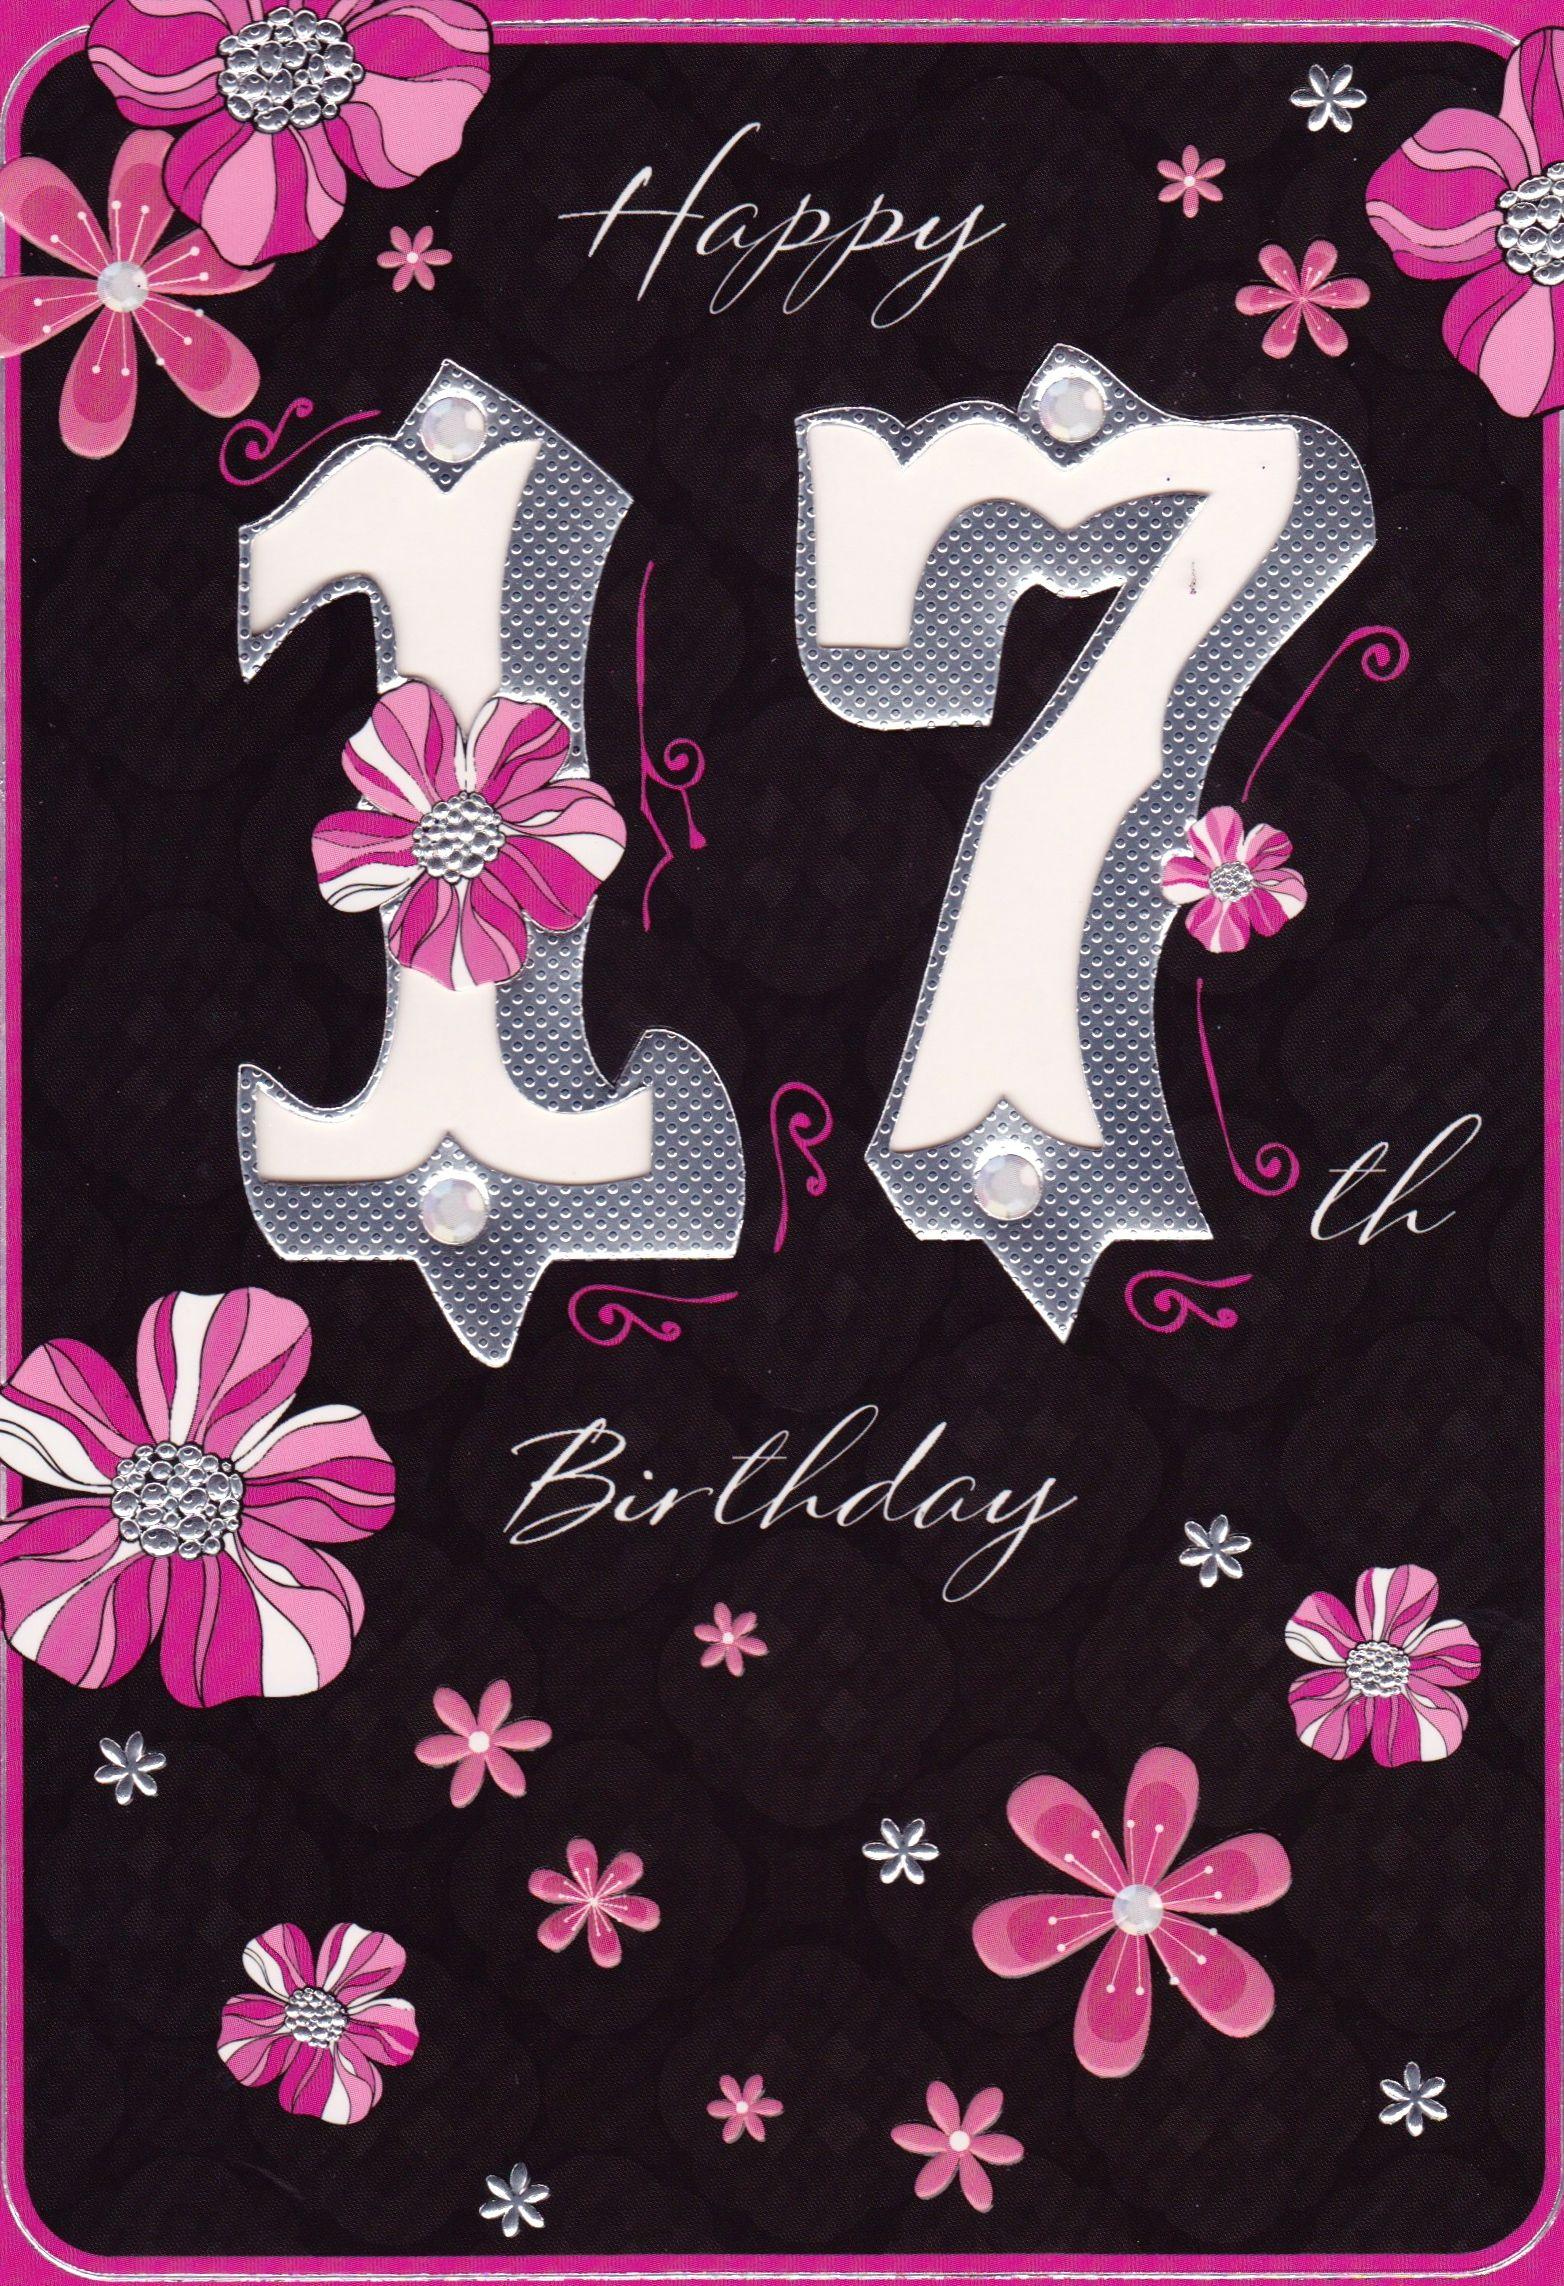 Картинки с днем рождения дочери 17 лет